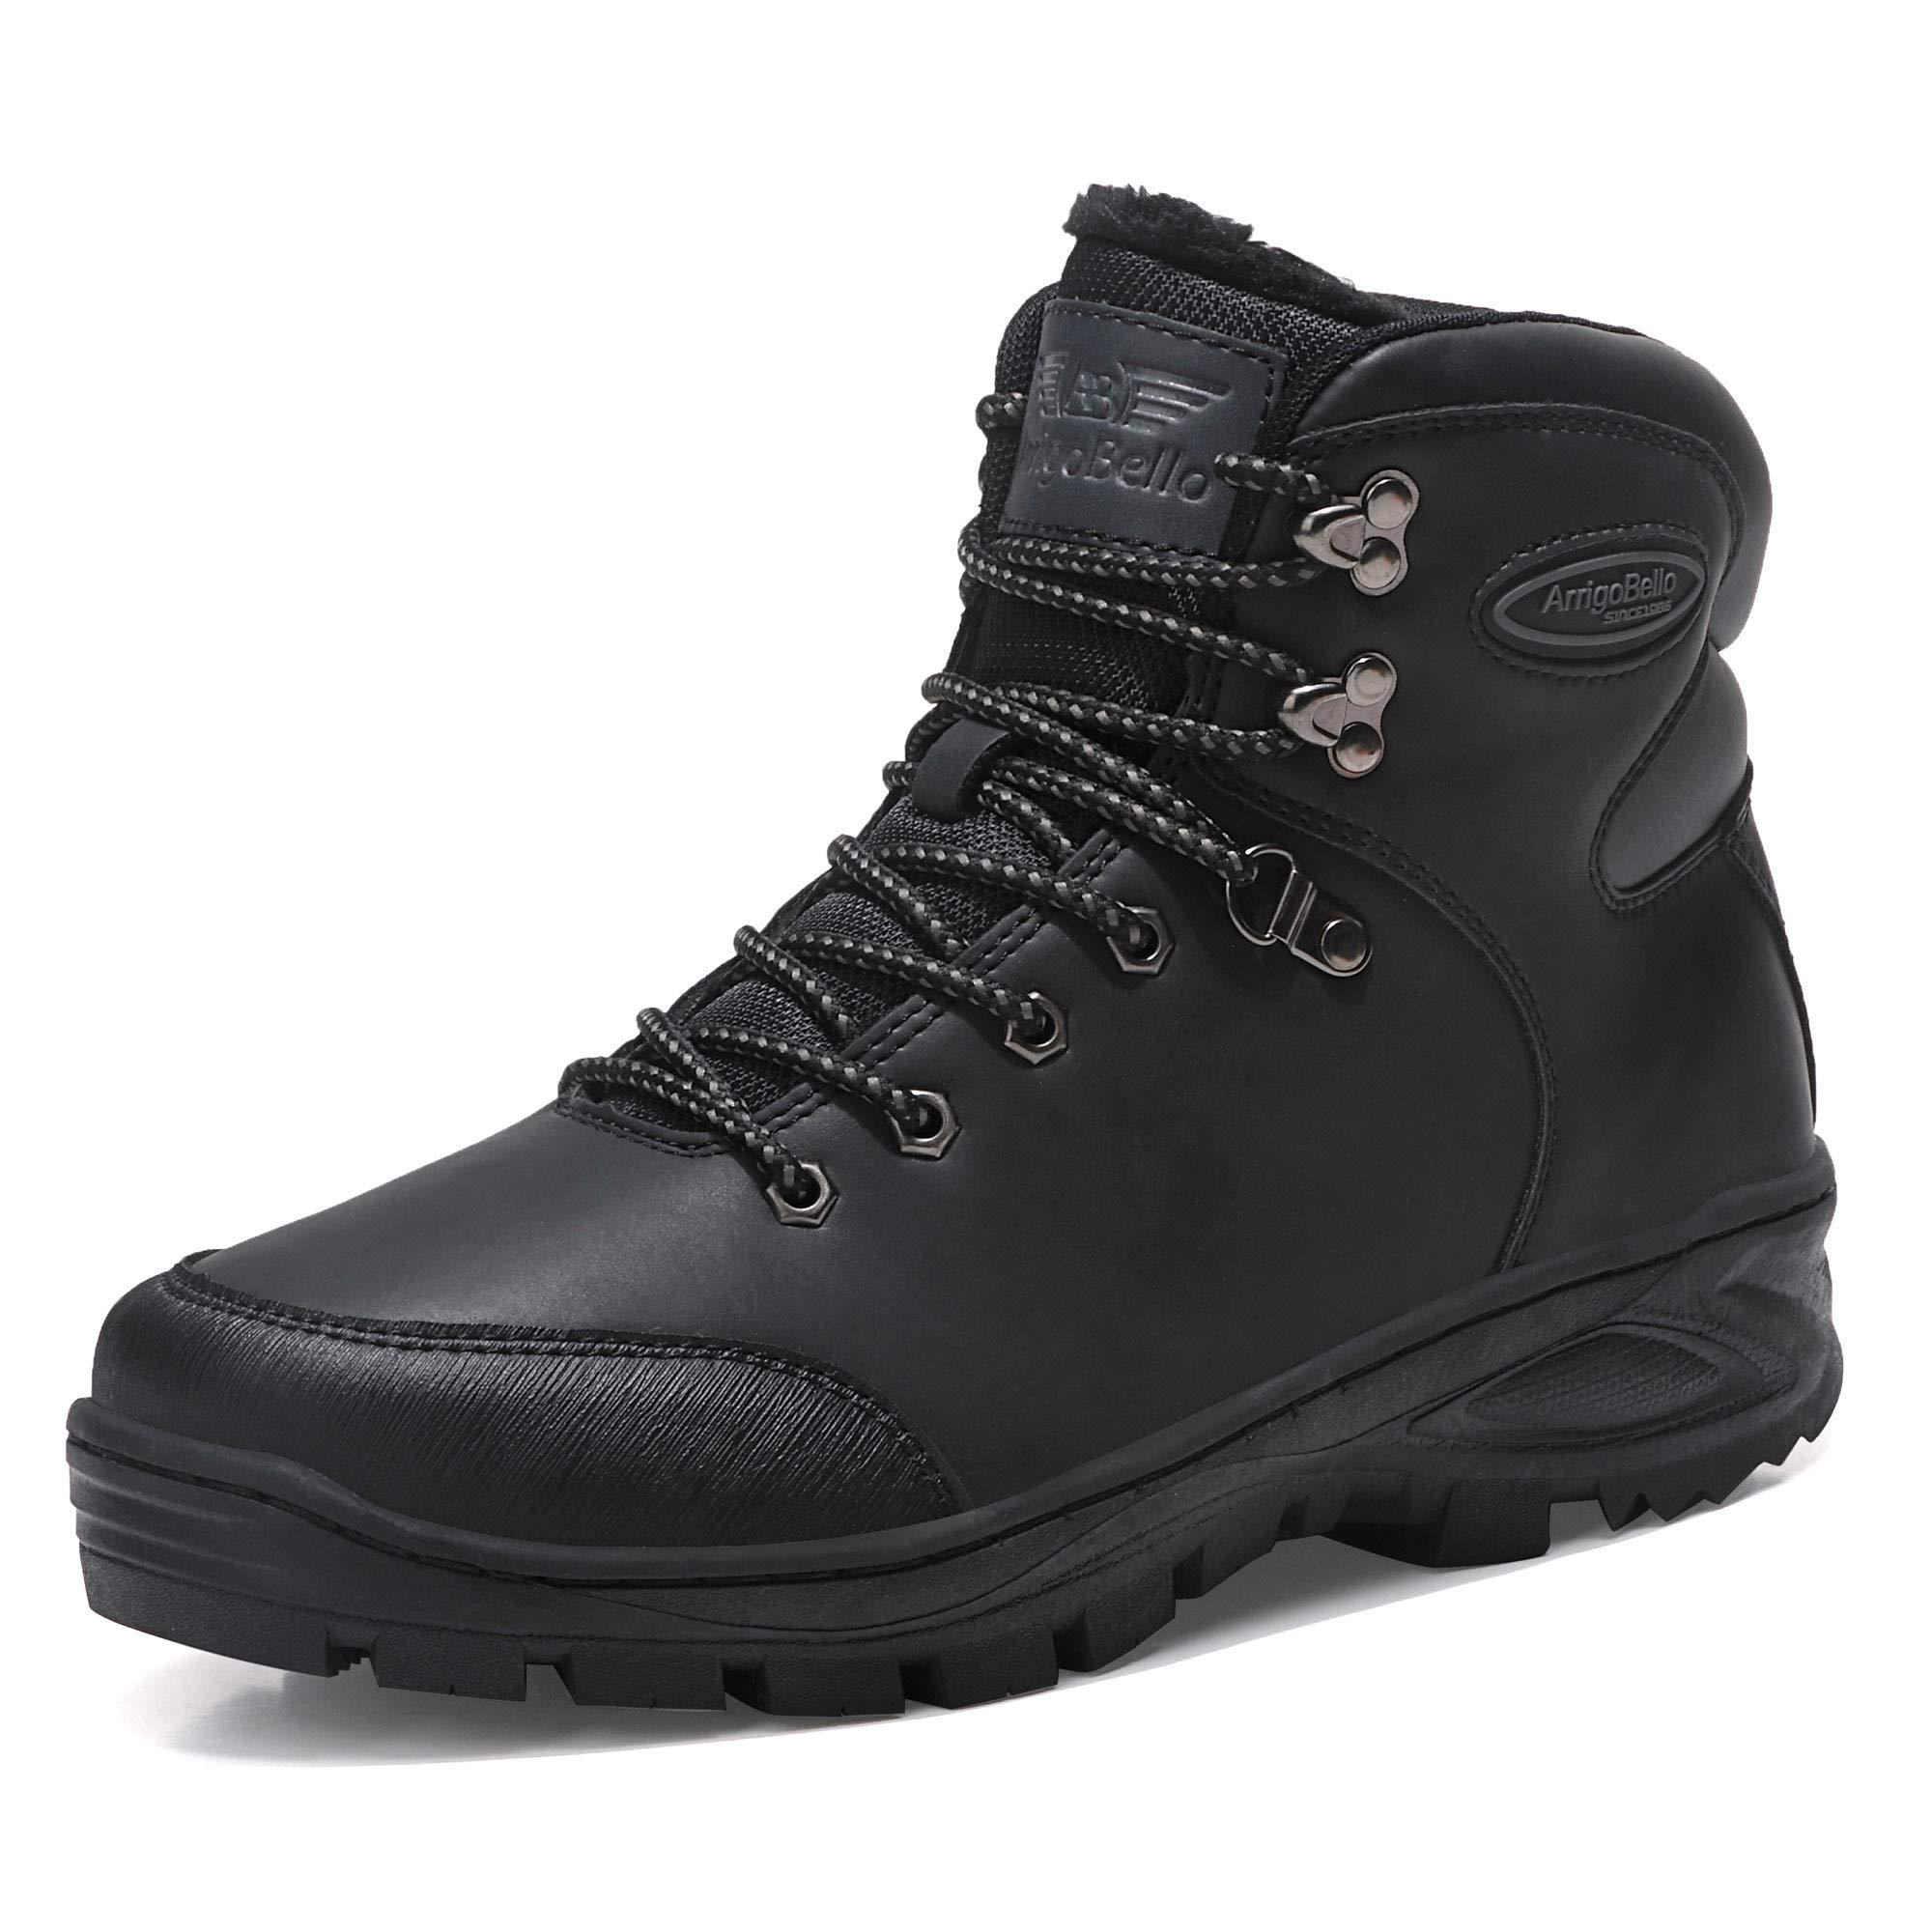 AX BOXING Uomo Stivali da Neve Invernali Scarpe Allineato Pelliccia  Caloroso Caviglia Piatto Stivaletti Sportive Boots c6549eb2ec5